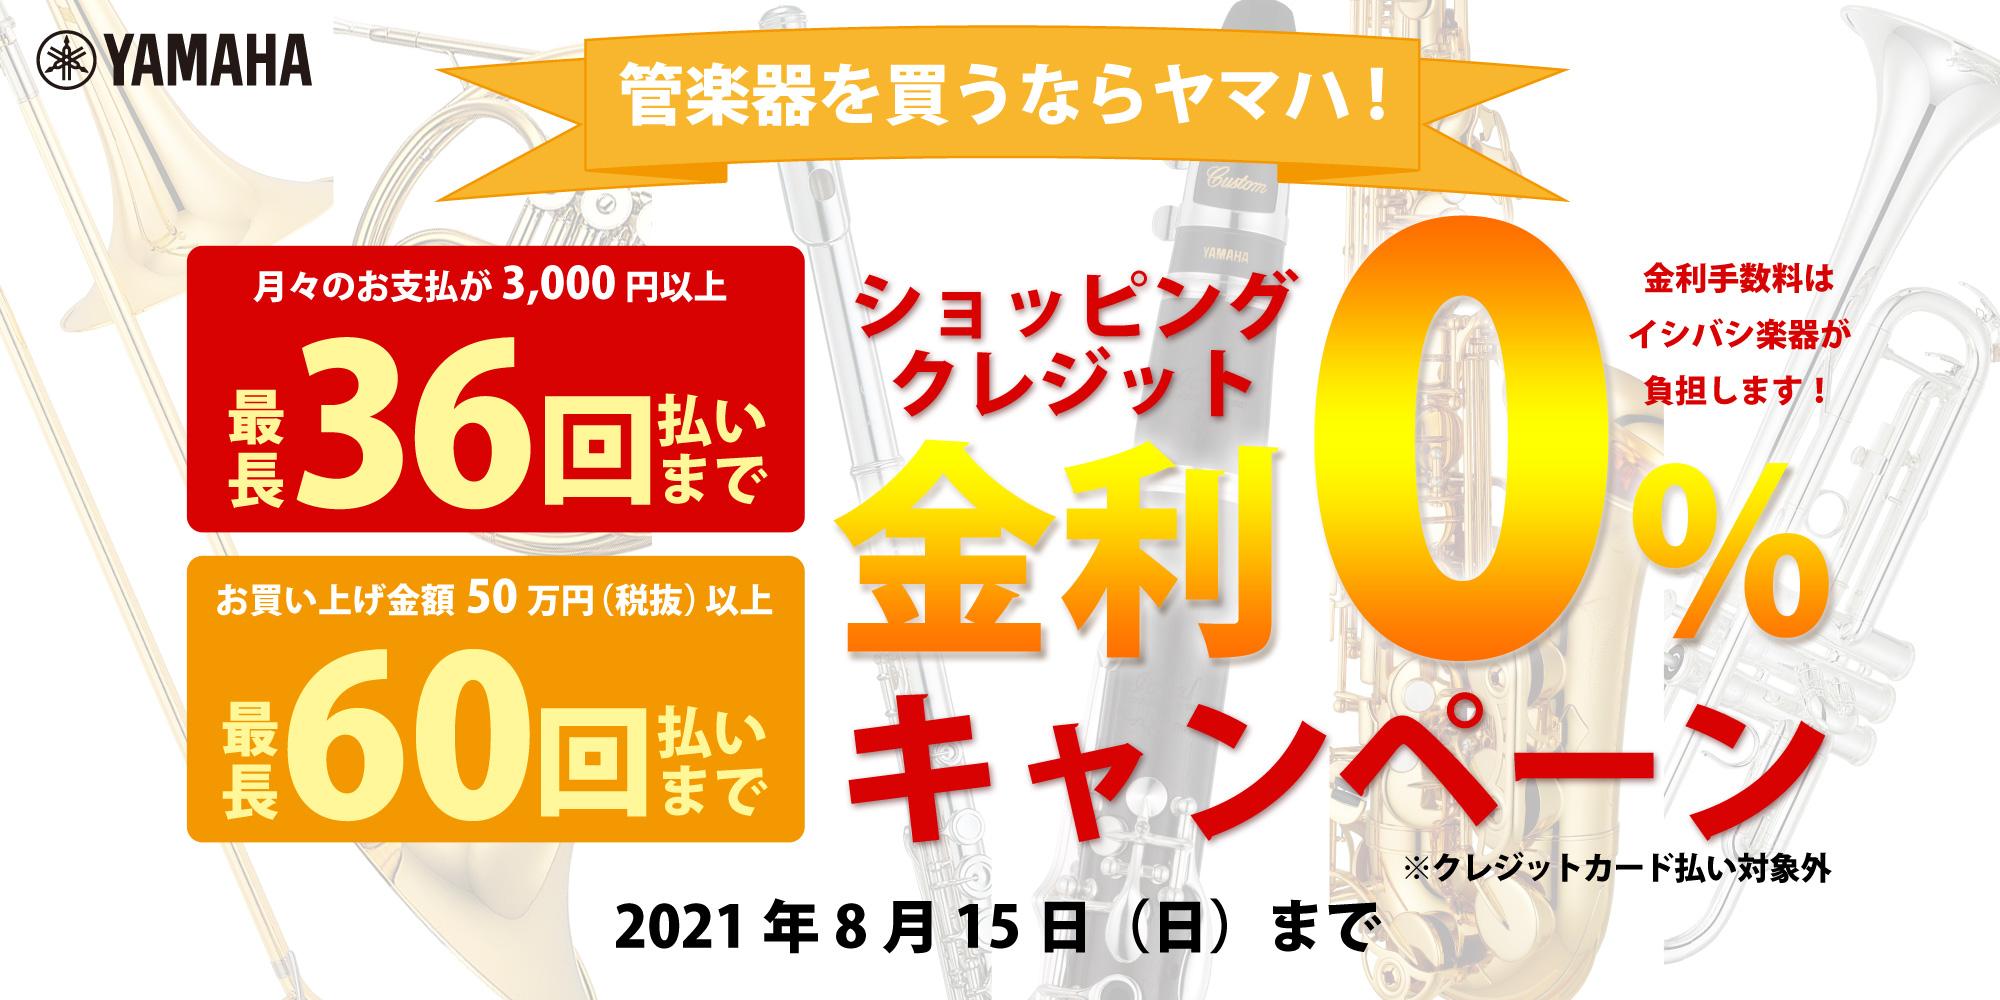 【ショッピングクレジット】管楽器を買うならヤマハ!期間限定!金利0キャンペーン【イシバシ楽器】